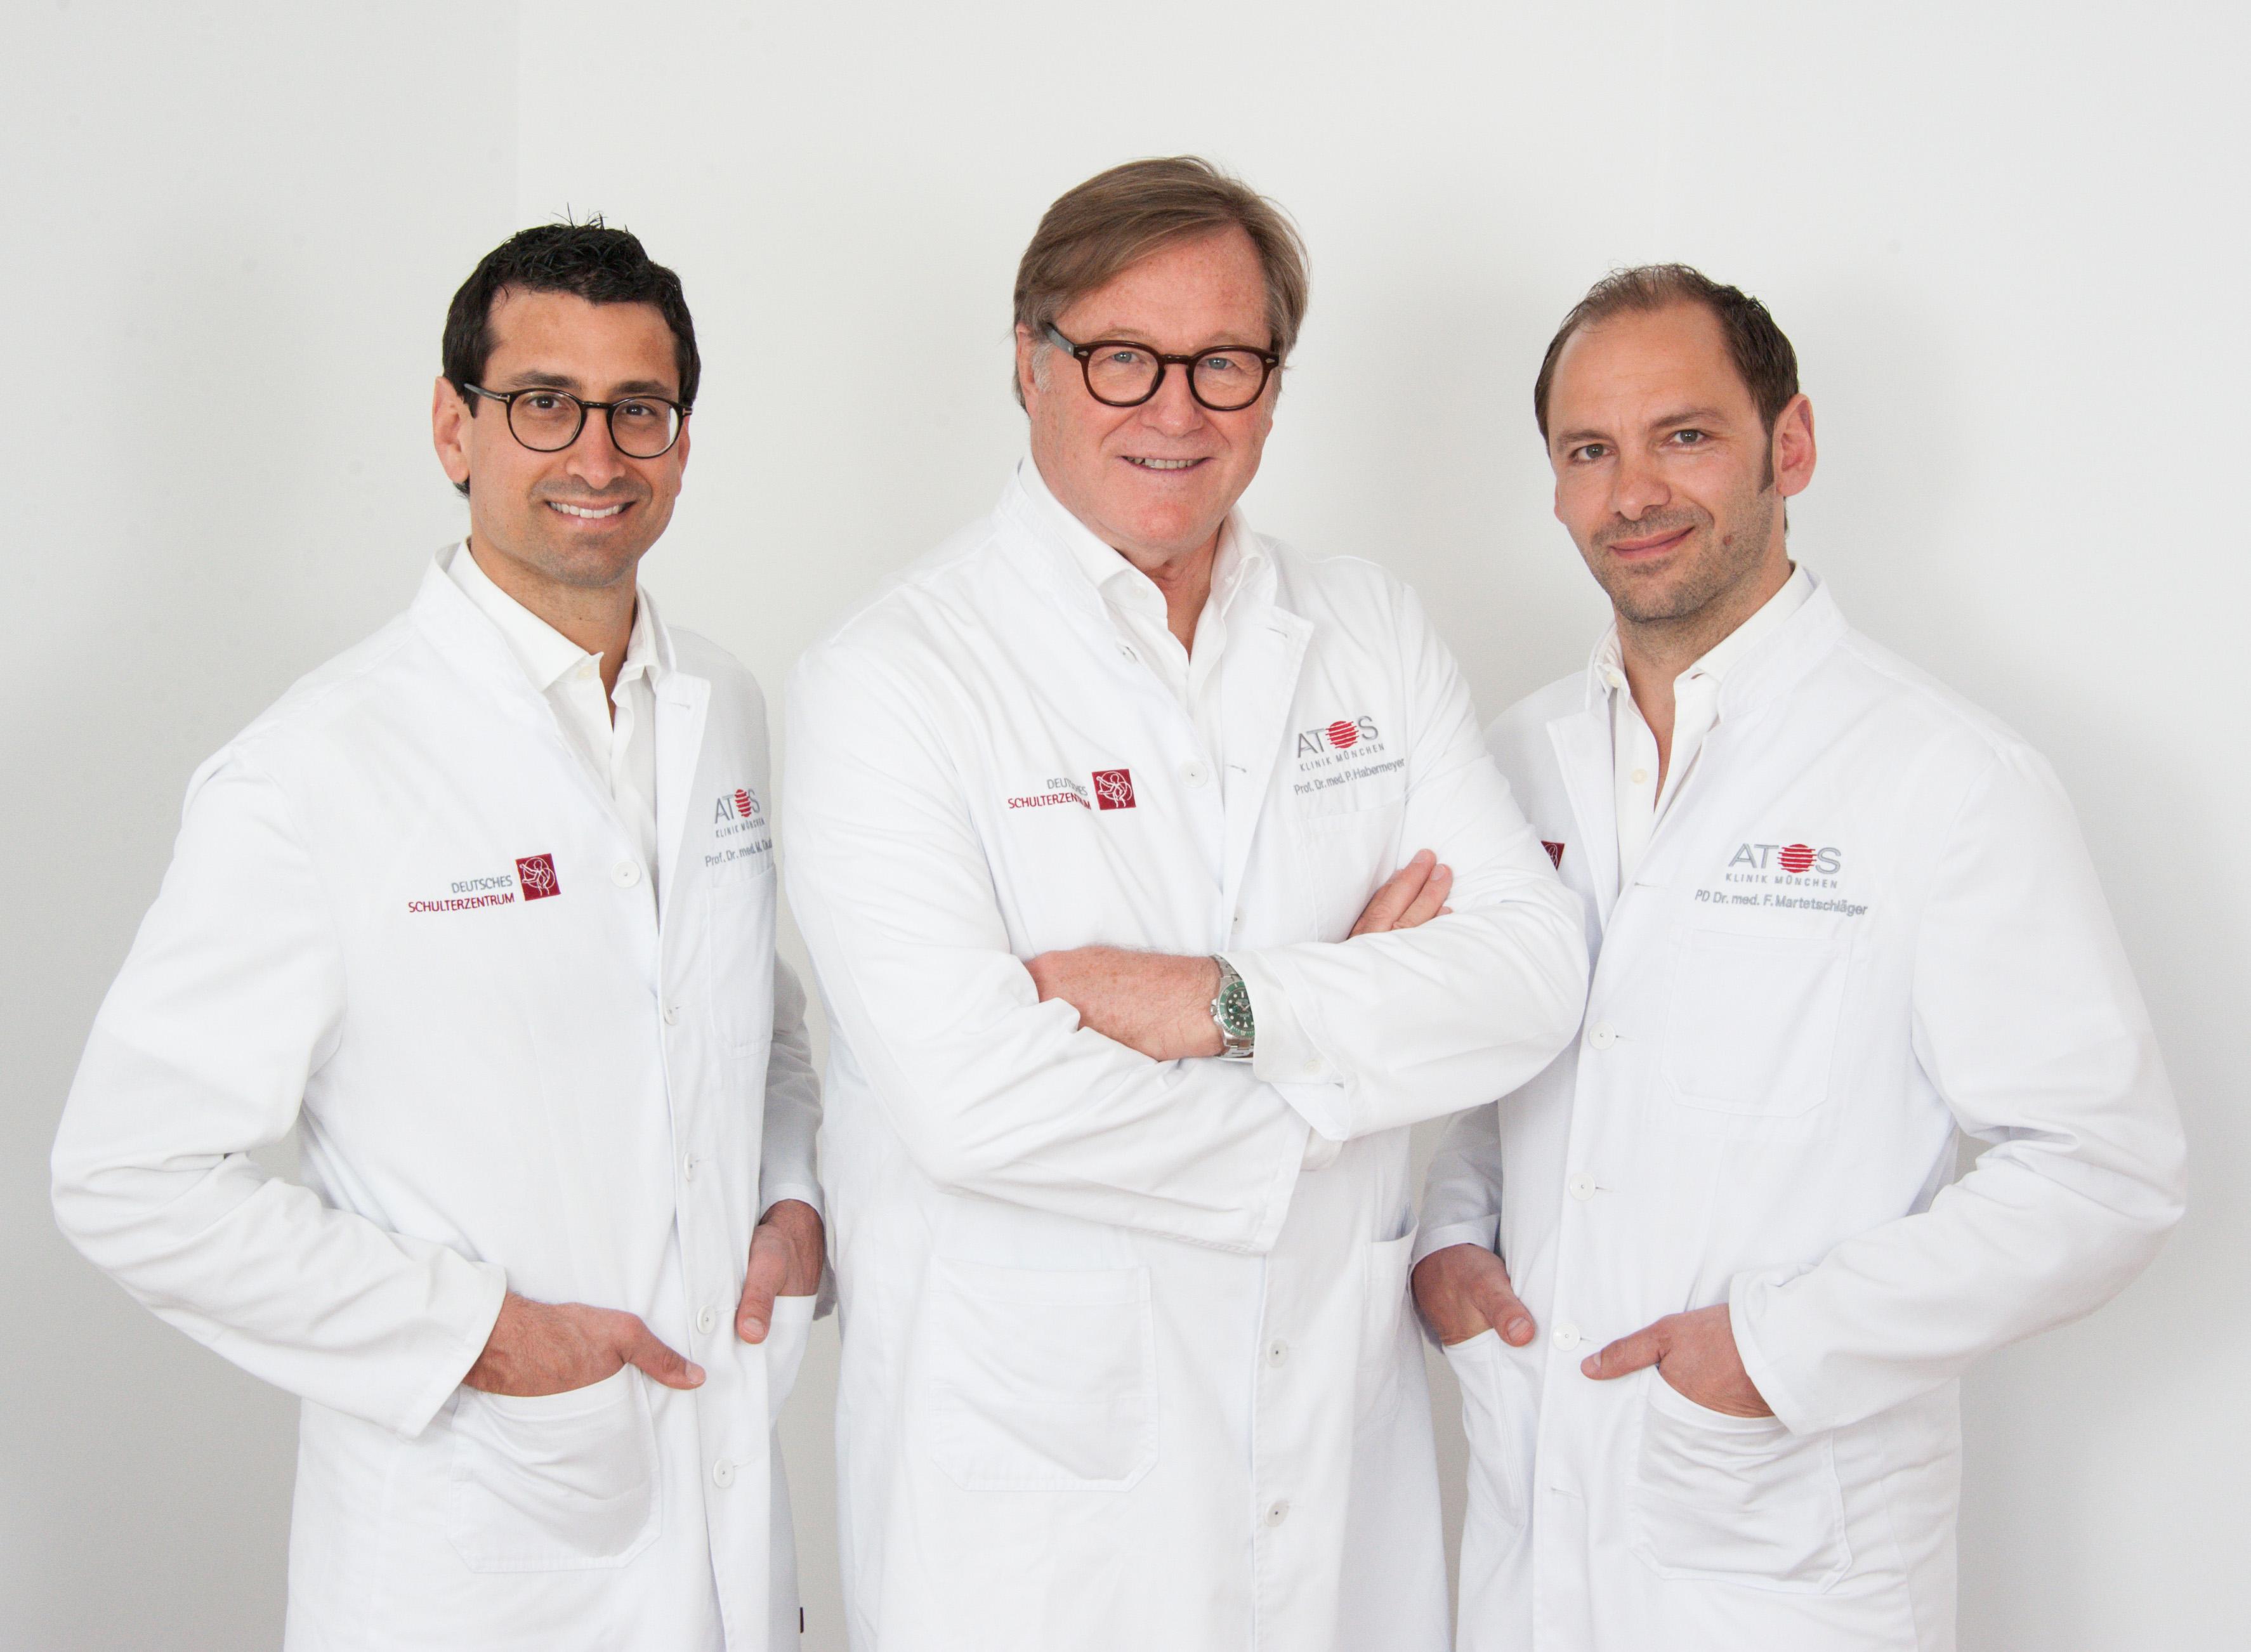 v.l.n.r.: Prof. Dr. med. univ. Mark Tauber, Prof. Dr. med. habil. Peter Habermeyer und Priv.-Doz. Dr. med. Frank Martetschläger